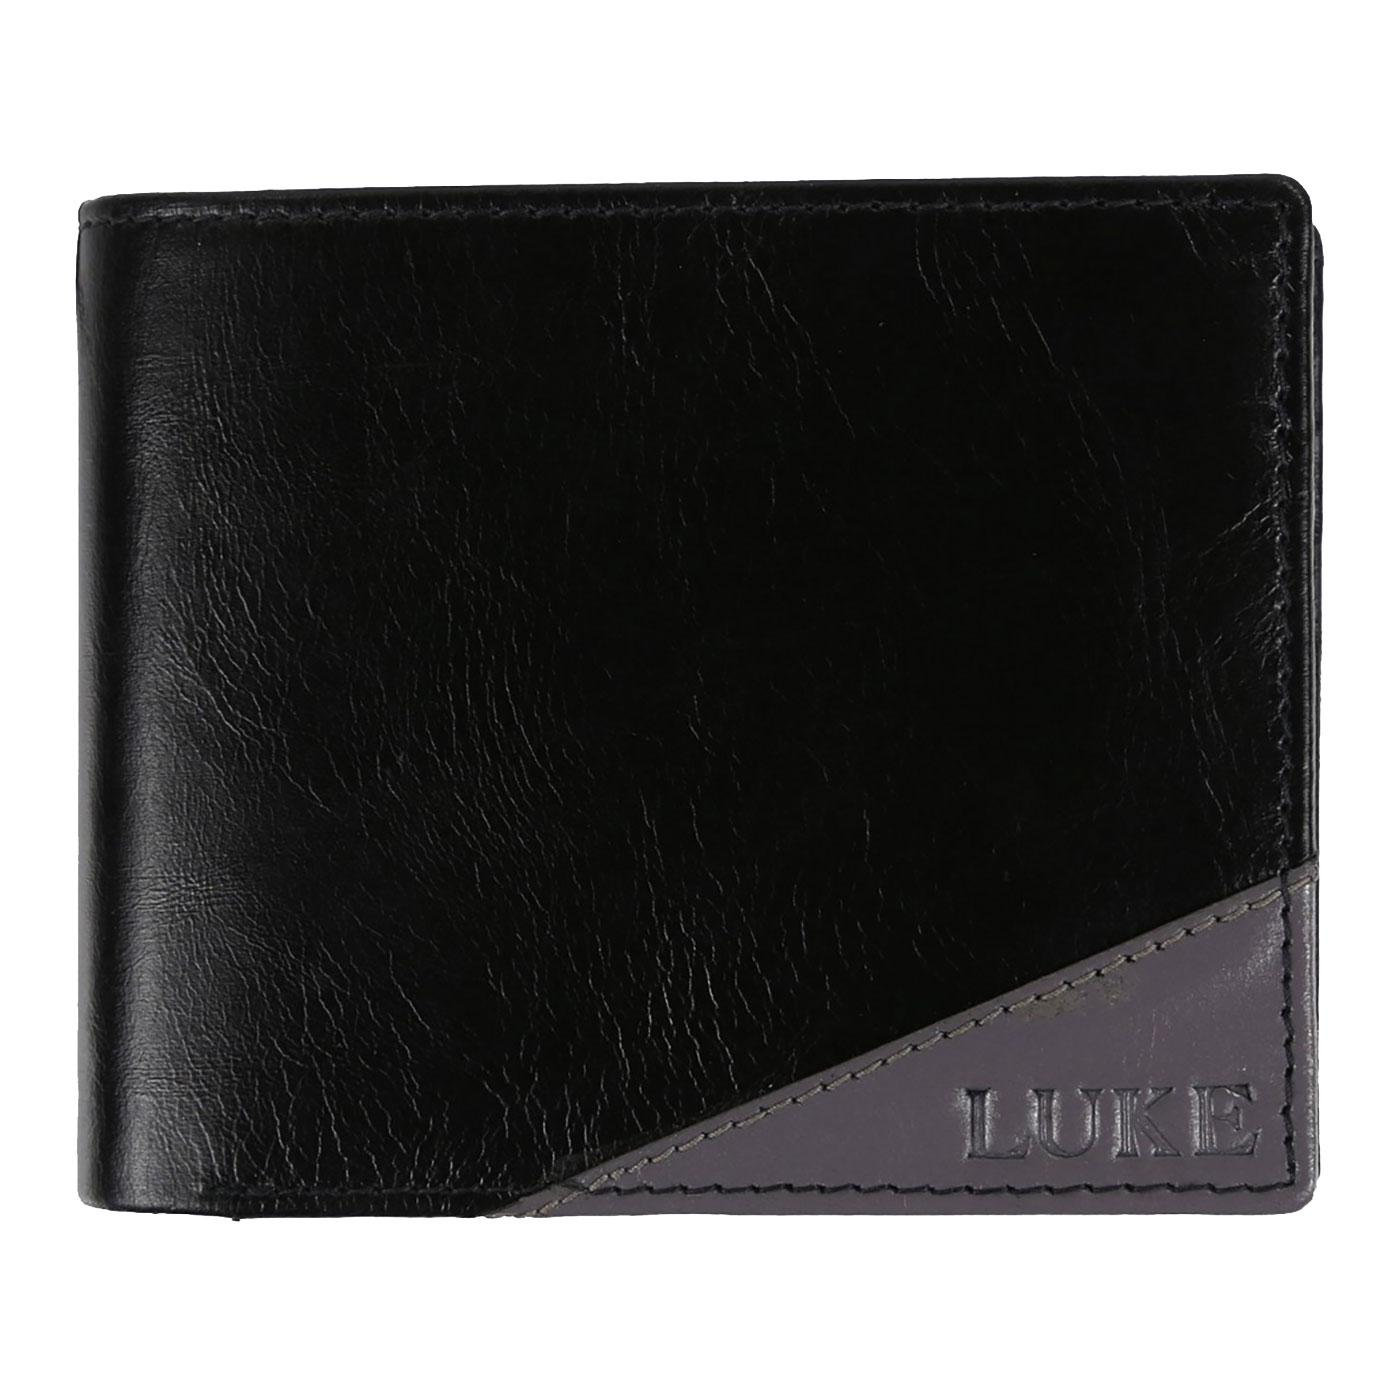 Hector LUKE Retro Contrast Leather Bi-Fold Wallet